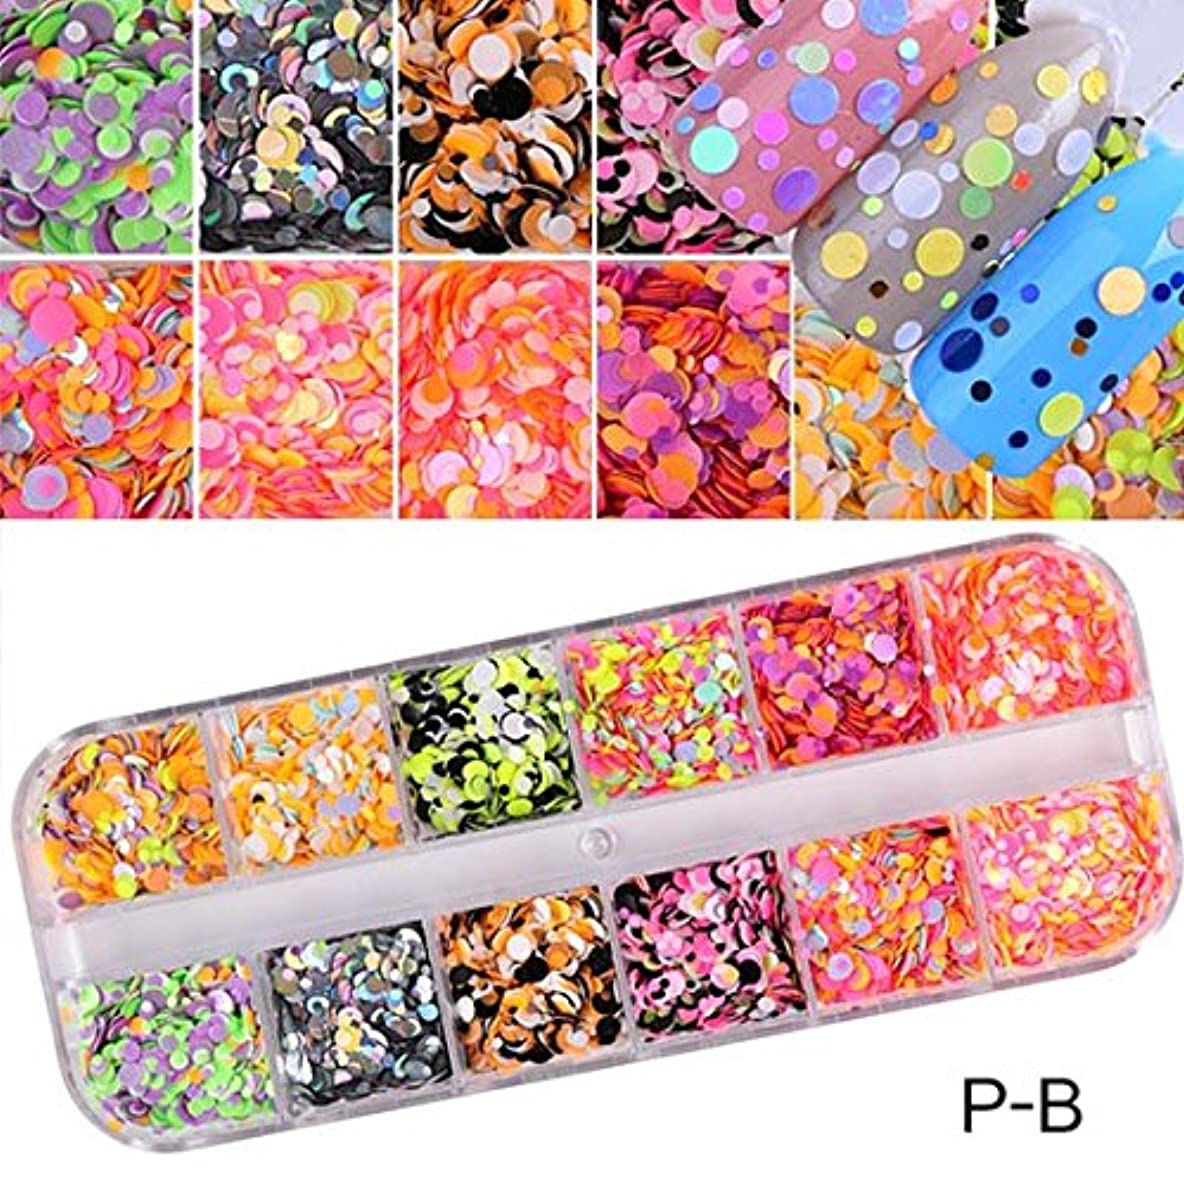 バーベキュー良性コレクション1 Set Dazzling Round Nail Glitter Sequins Dust Mixed 12 Grids 1/2/3mm DIY Charm Polish Flakes Decorations Manicure...